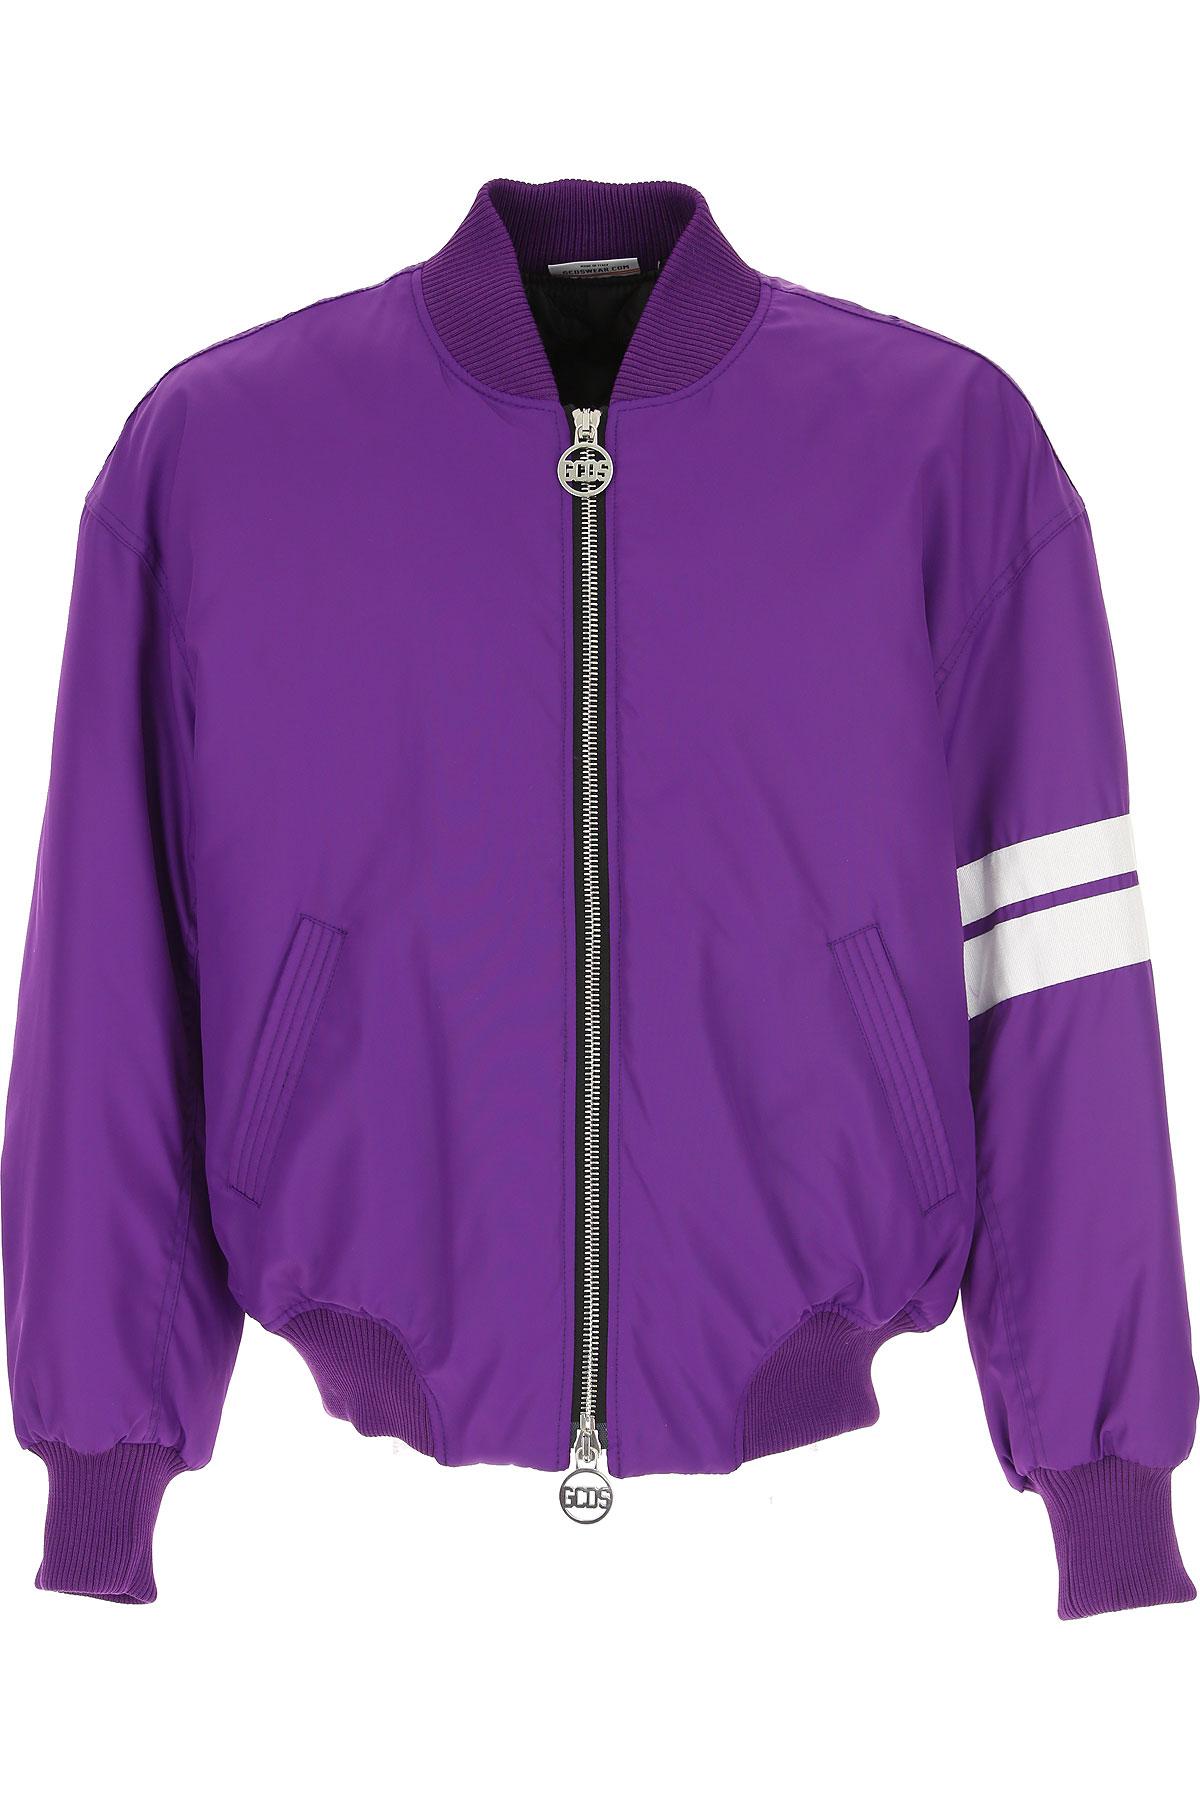 GCDS Down Jacket for Men, Puffer Ski Jacket On Sale, Violet, polyamide, 2019, L M XL